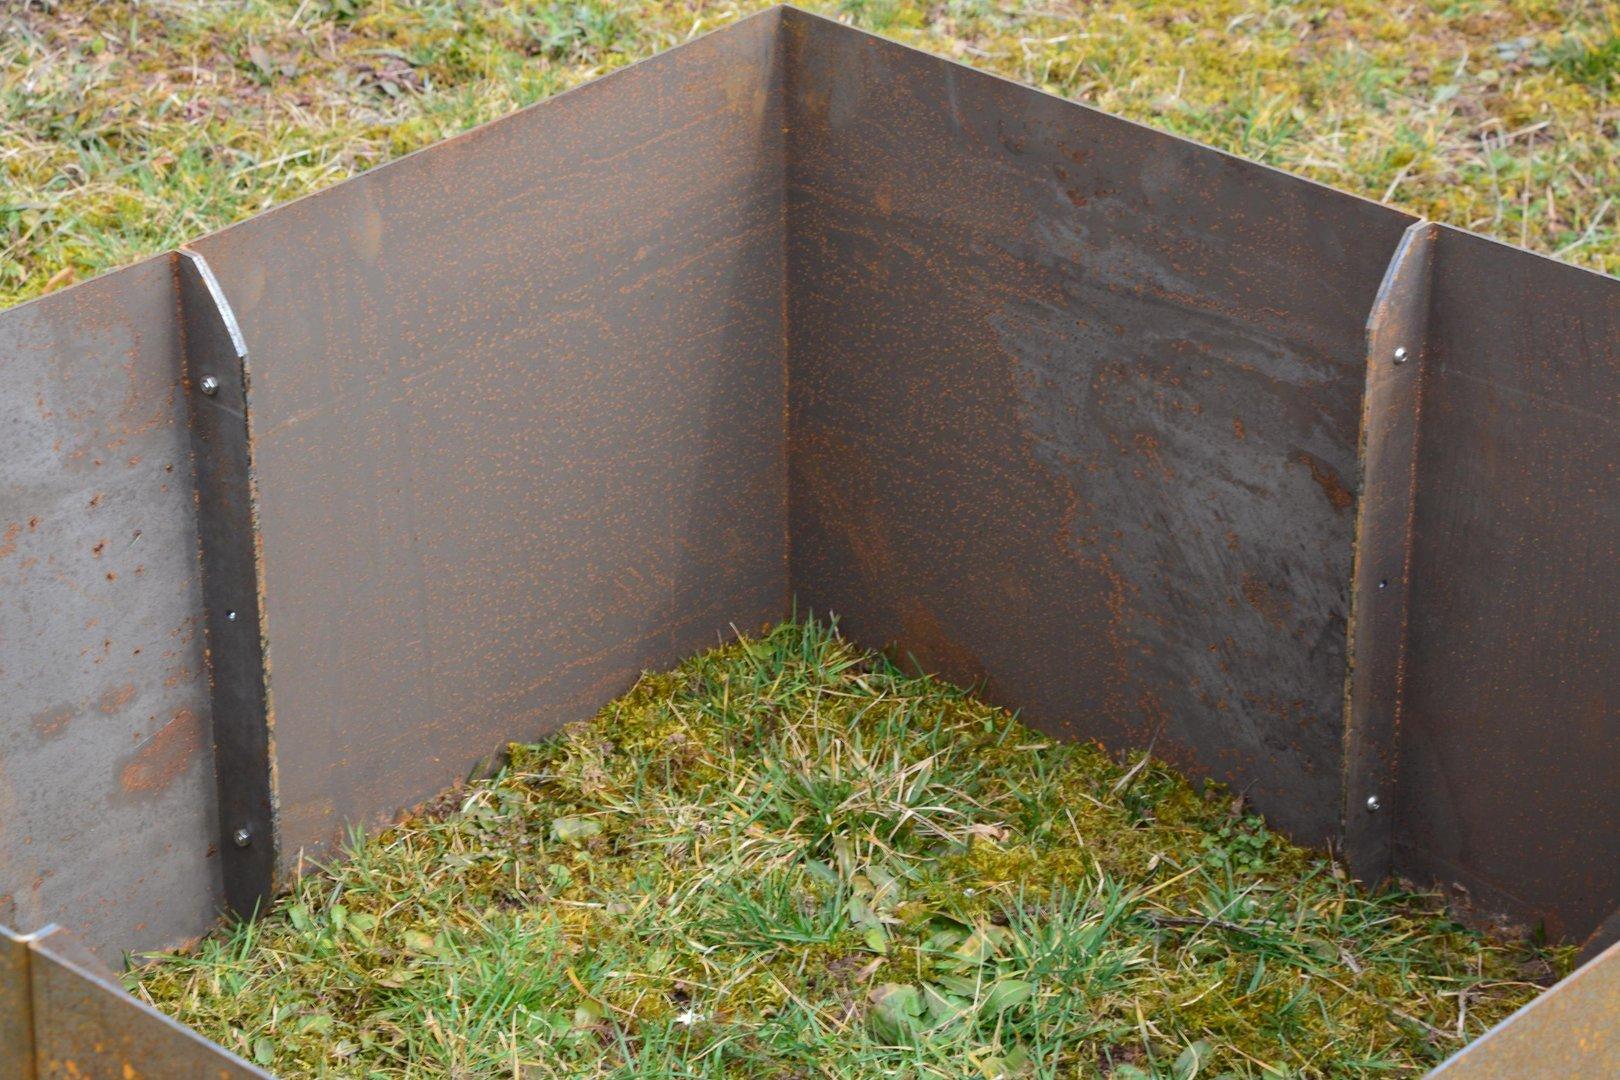 hochbeet cortenstahl edelrost gerade 1 x 1 x 0 9 m grundmodul. Black Bedroom Furniture Sets. Home Design Ideas